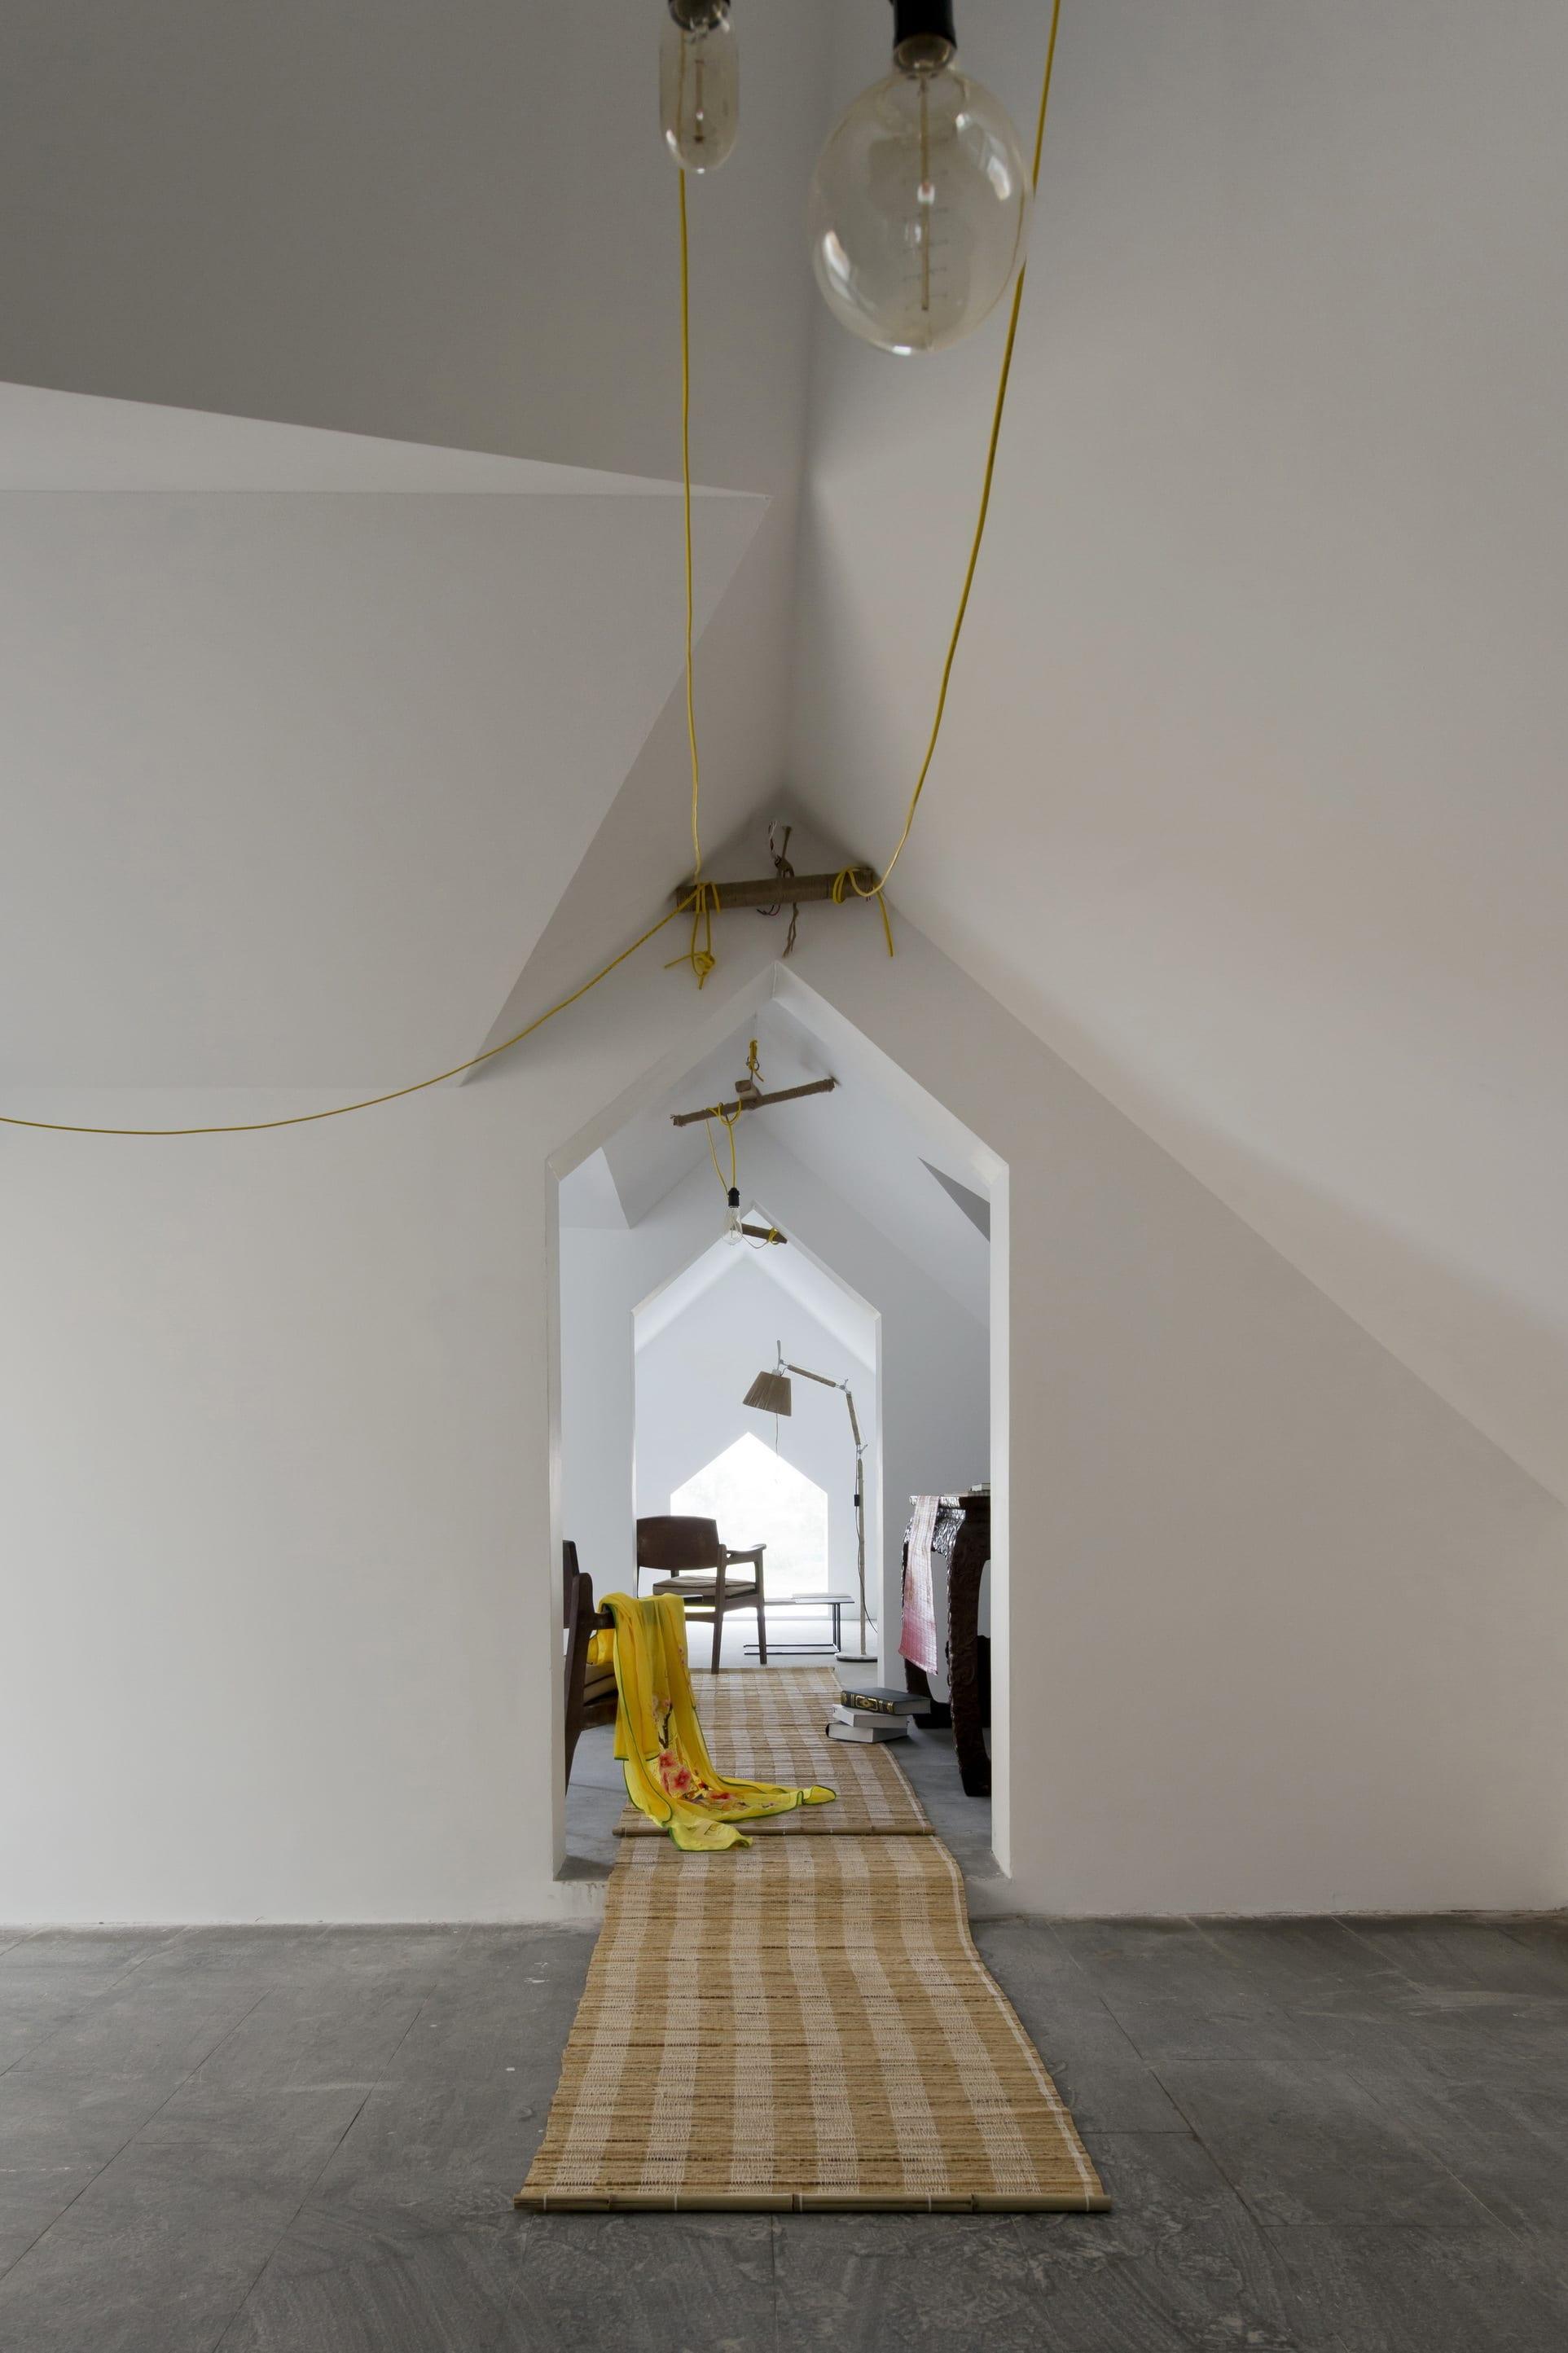 inspirierende wohnideen für moderne raumgestaltung im Dachraum